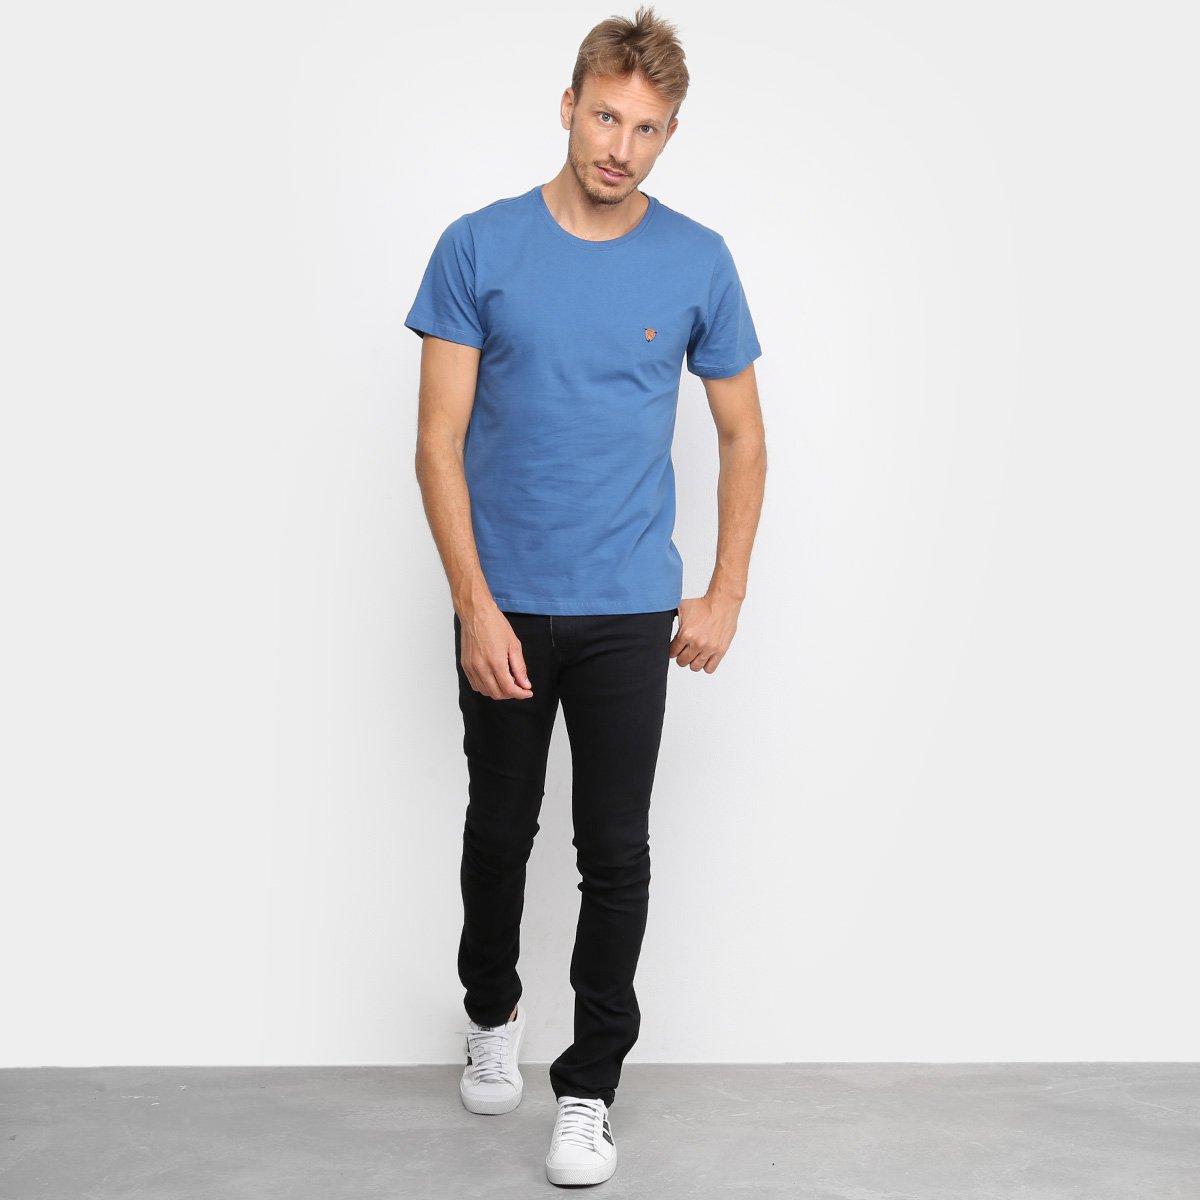 Camiseta Acostamento Lisa Masculina - Azul Escuro